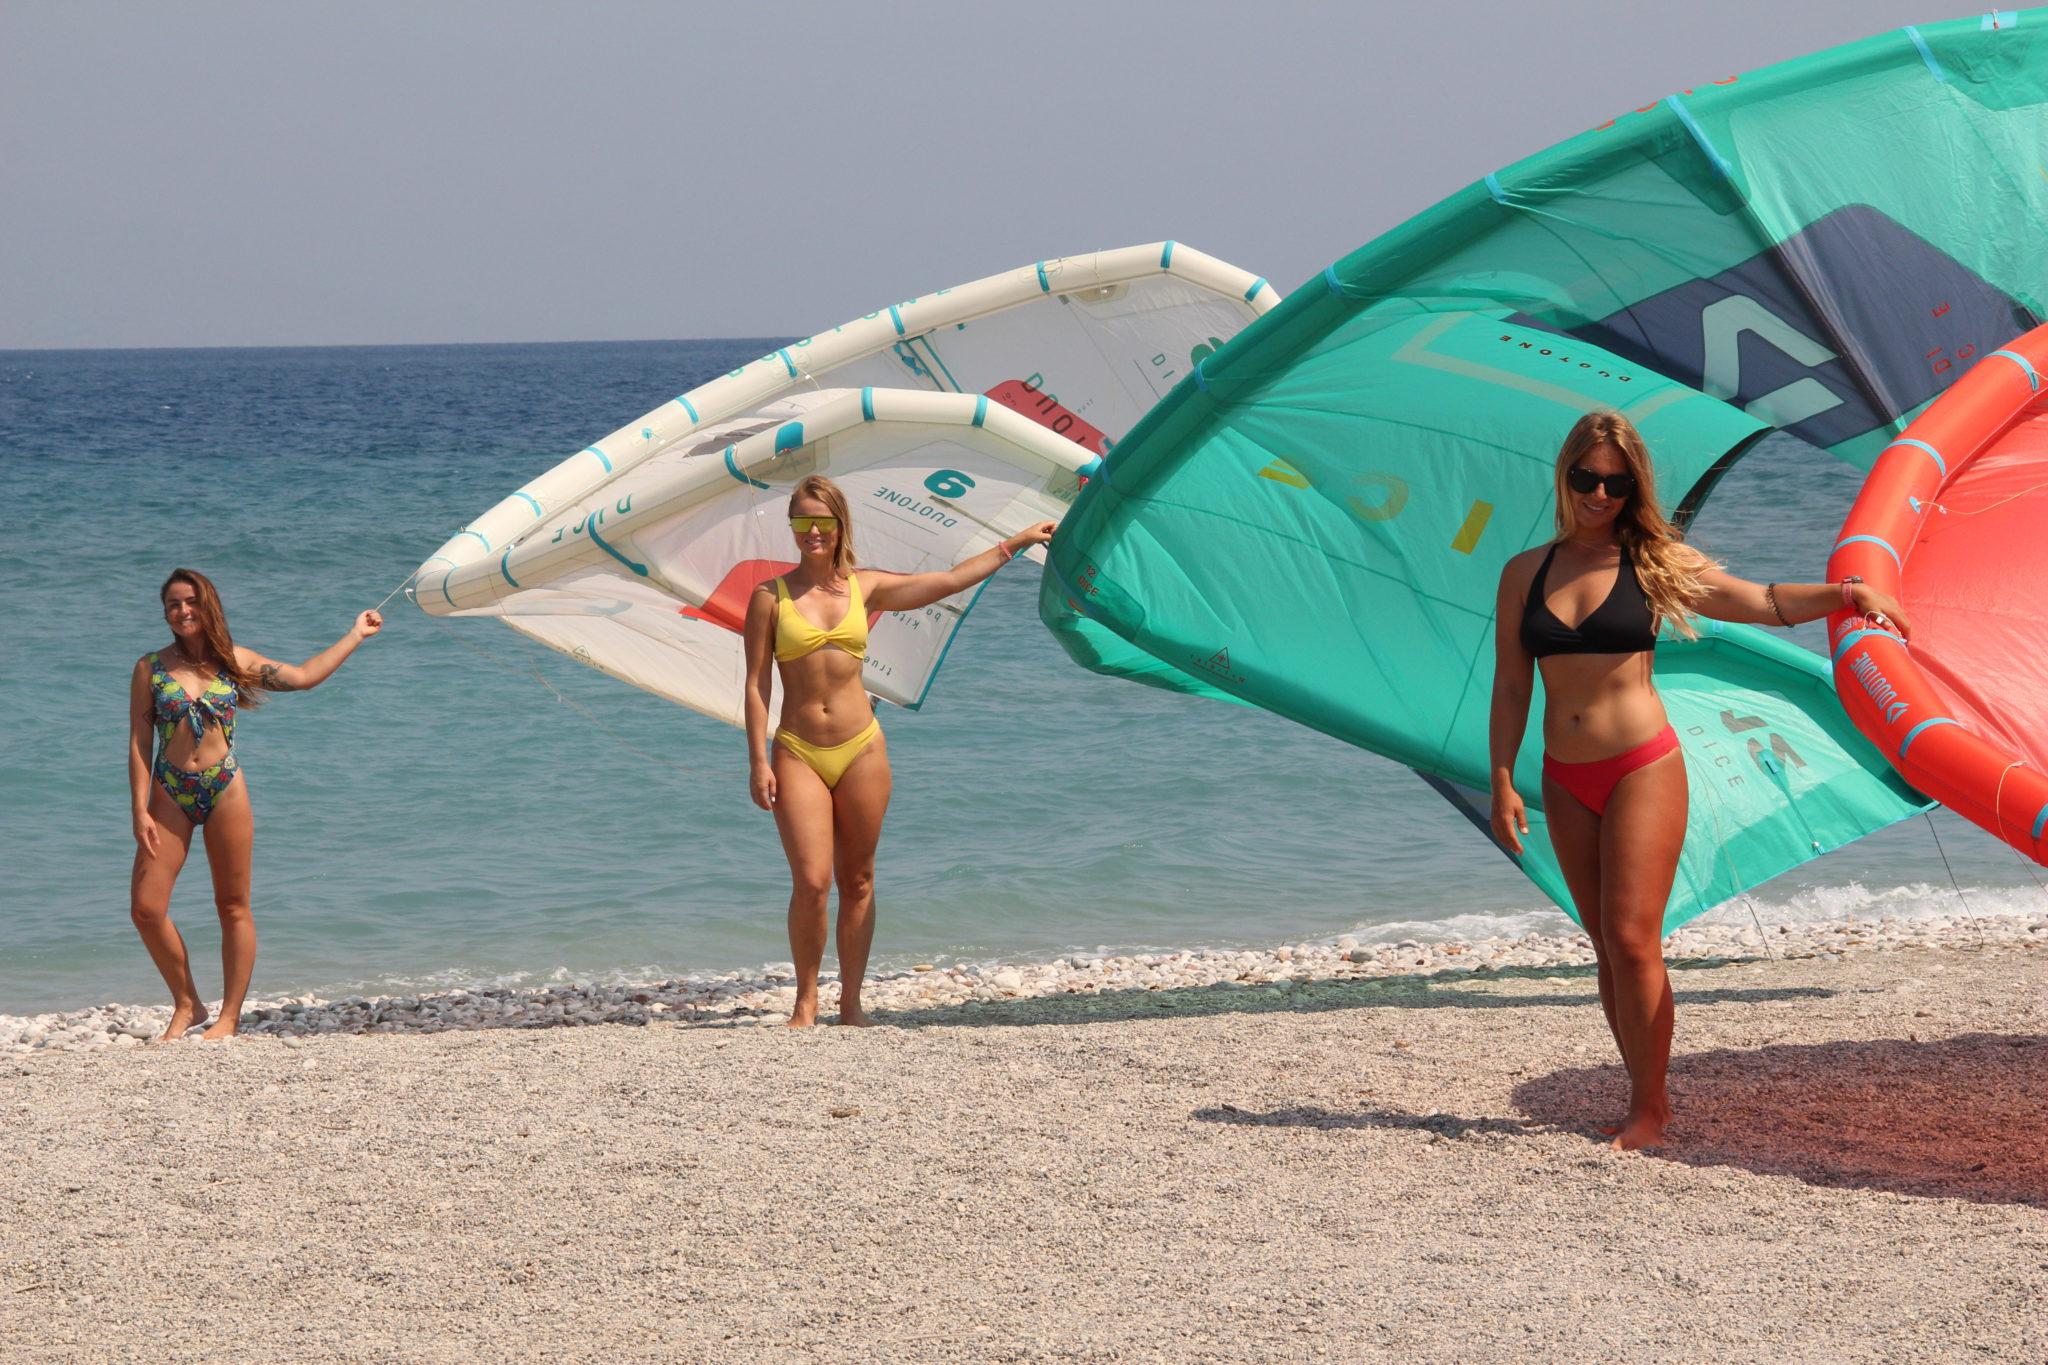 Greece kitesurfing holiday in Kremasti Bay: Kitesurf in Rhodes